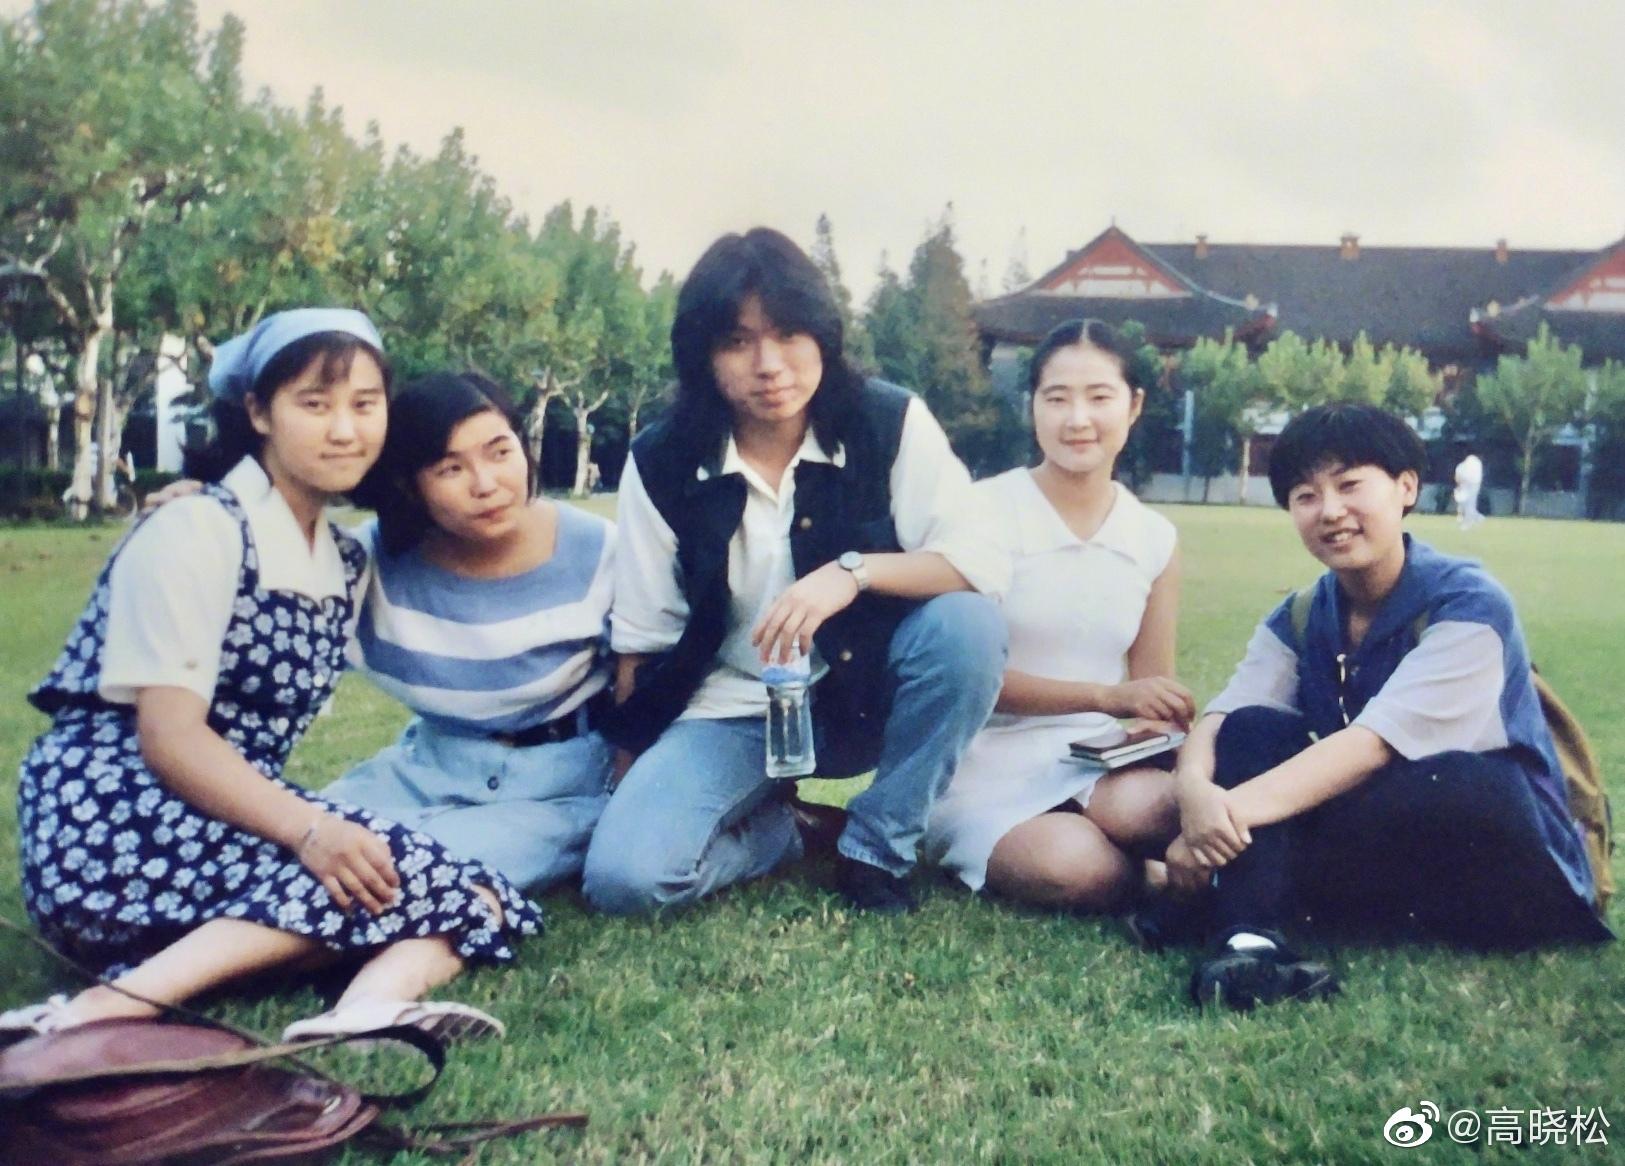 1996年,我的作品集《青春无悔》在复旦大学首发&首唱会